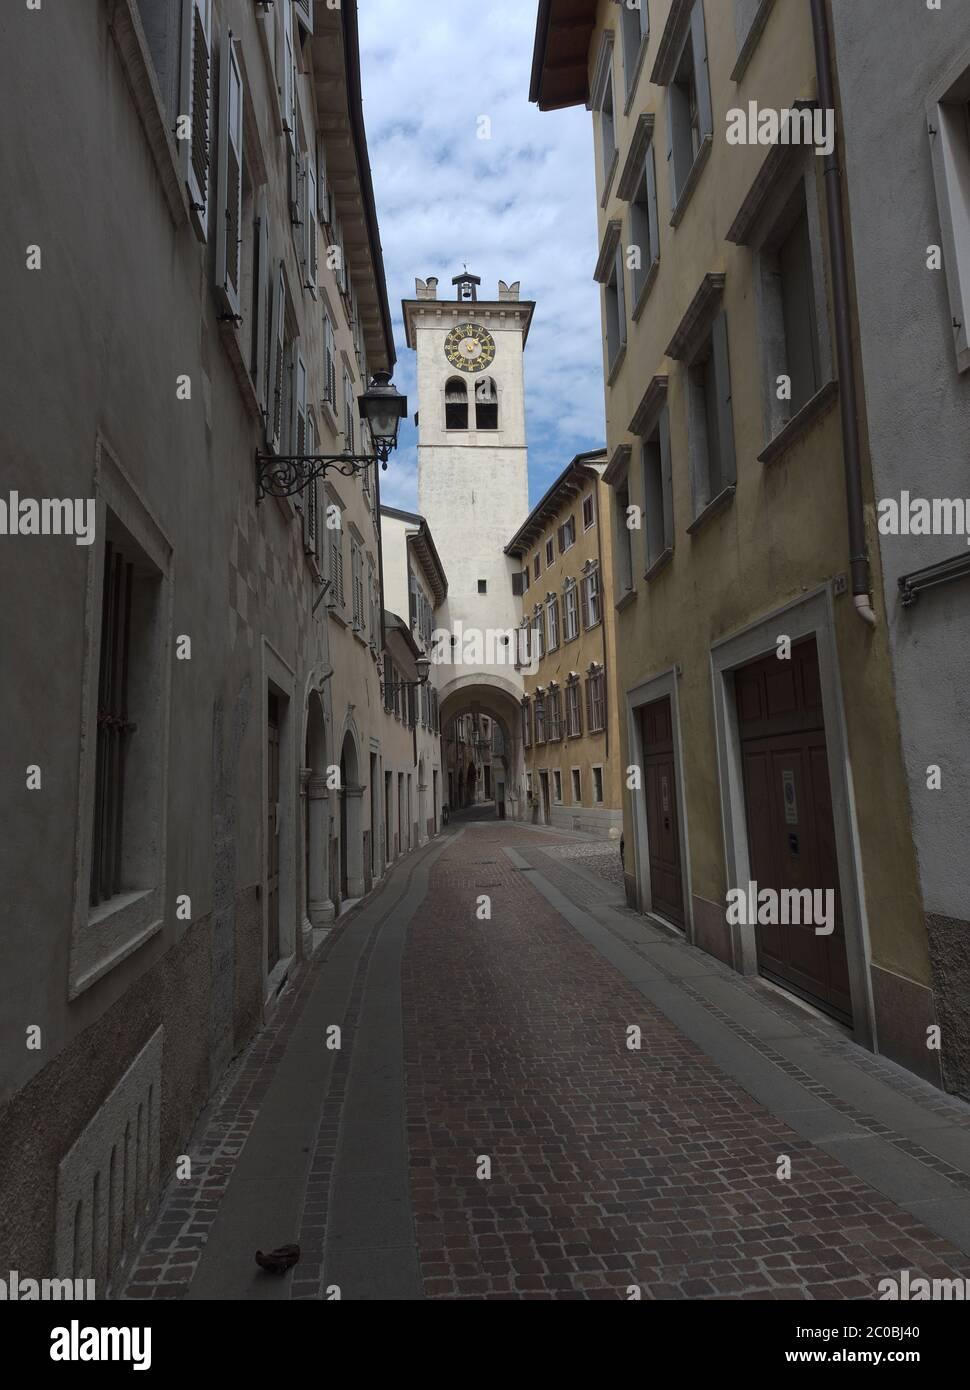 Rovereto Trentino Alto Adige Italia. Vecchia strada. Foto Stock